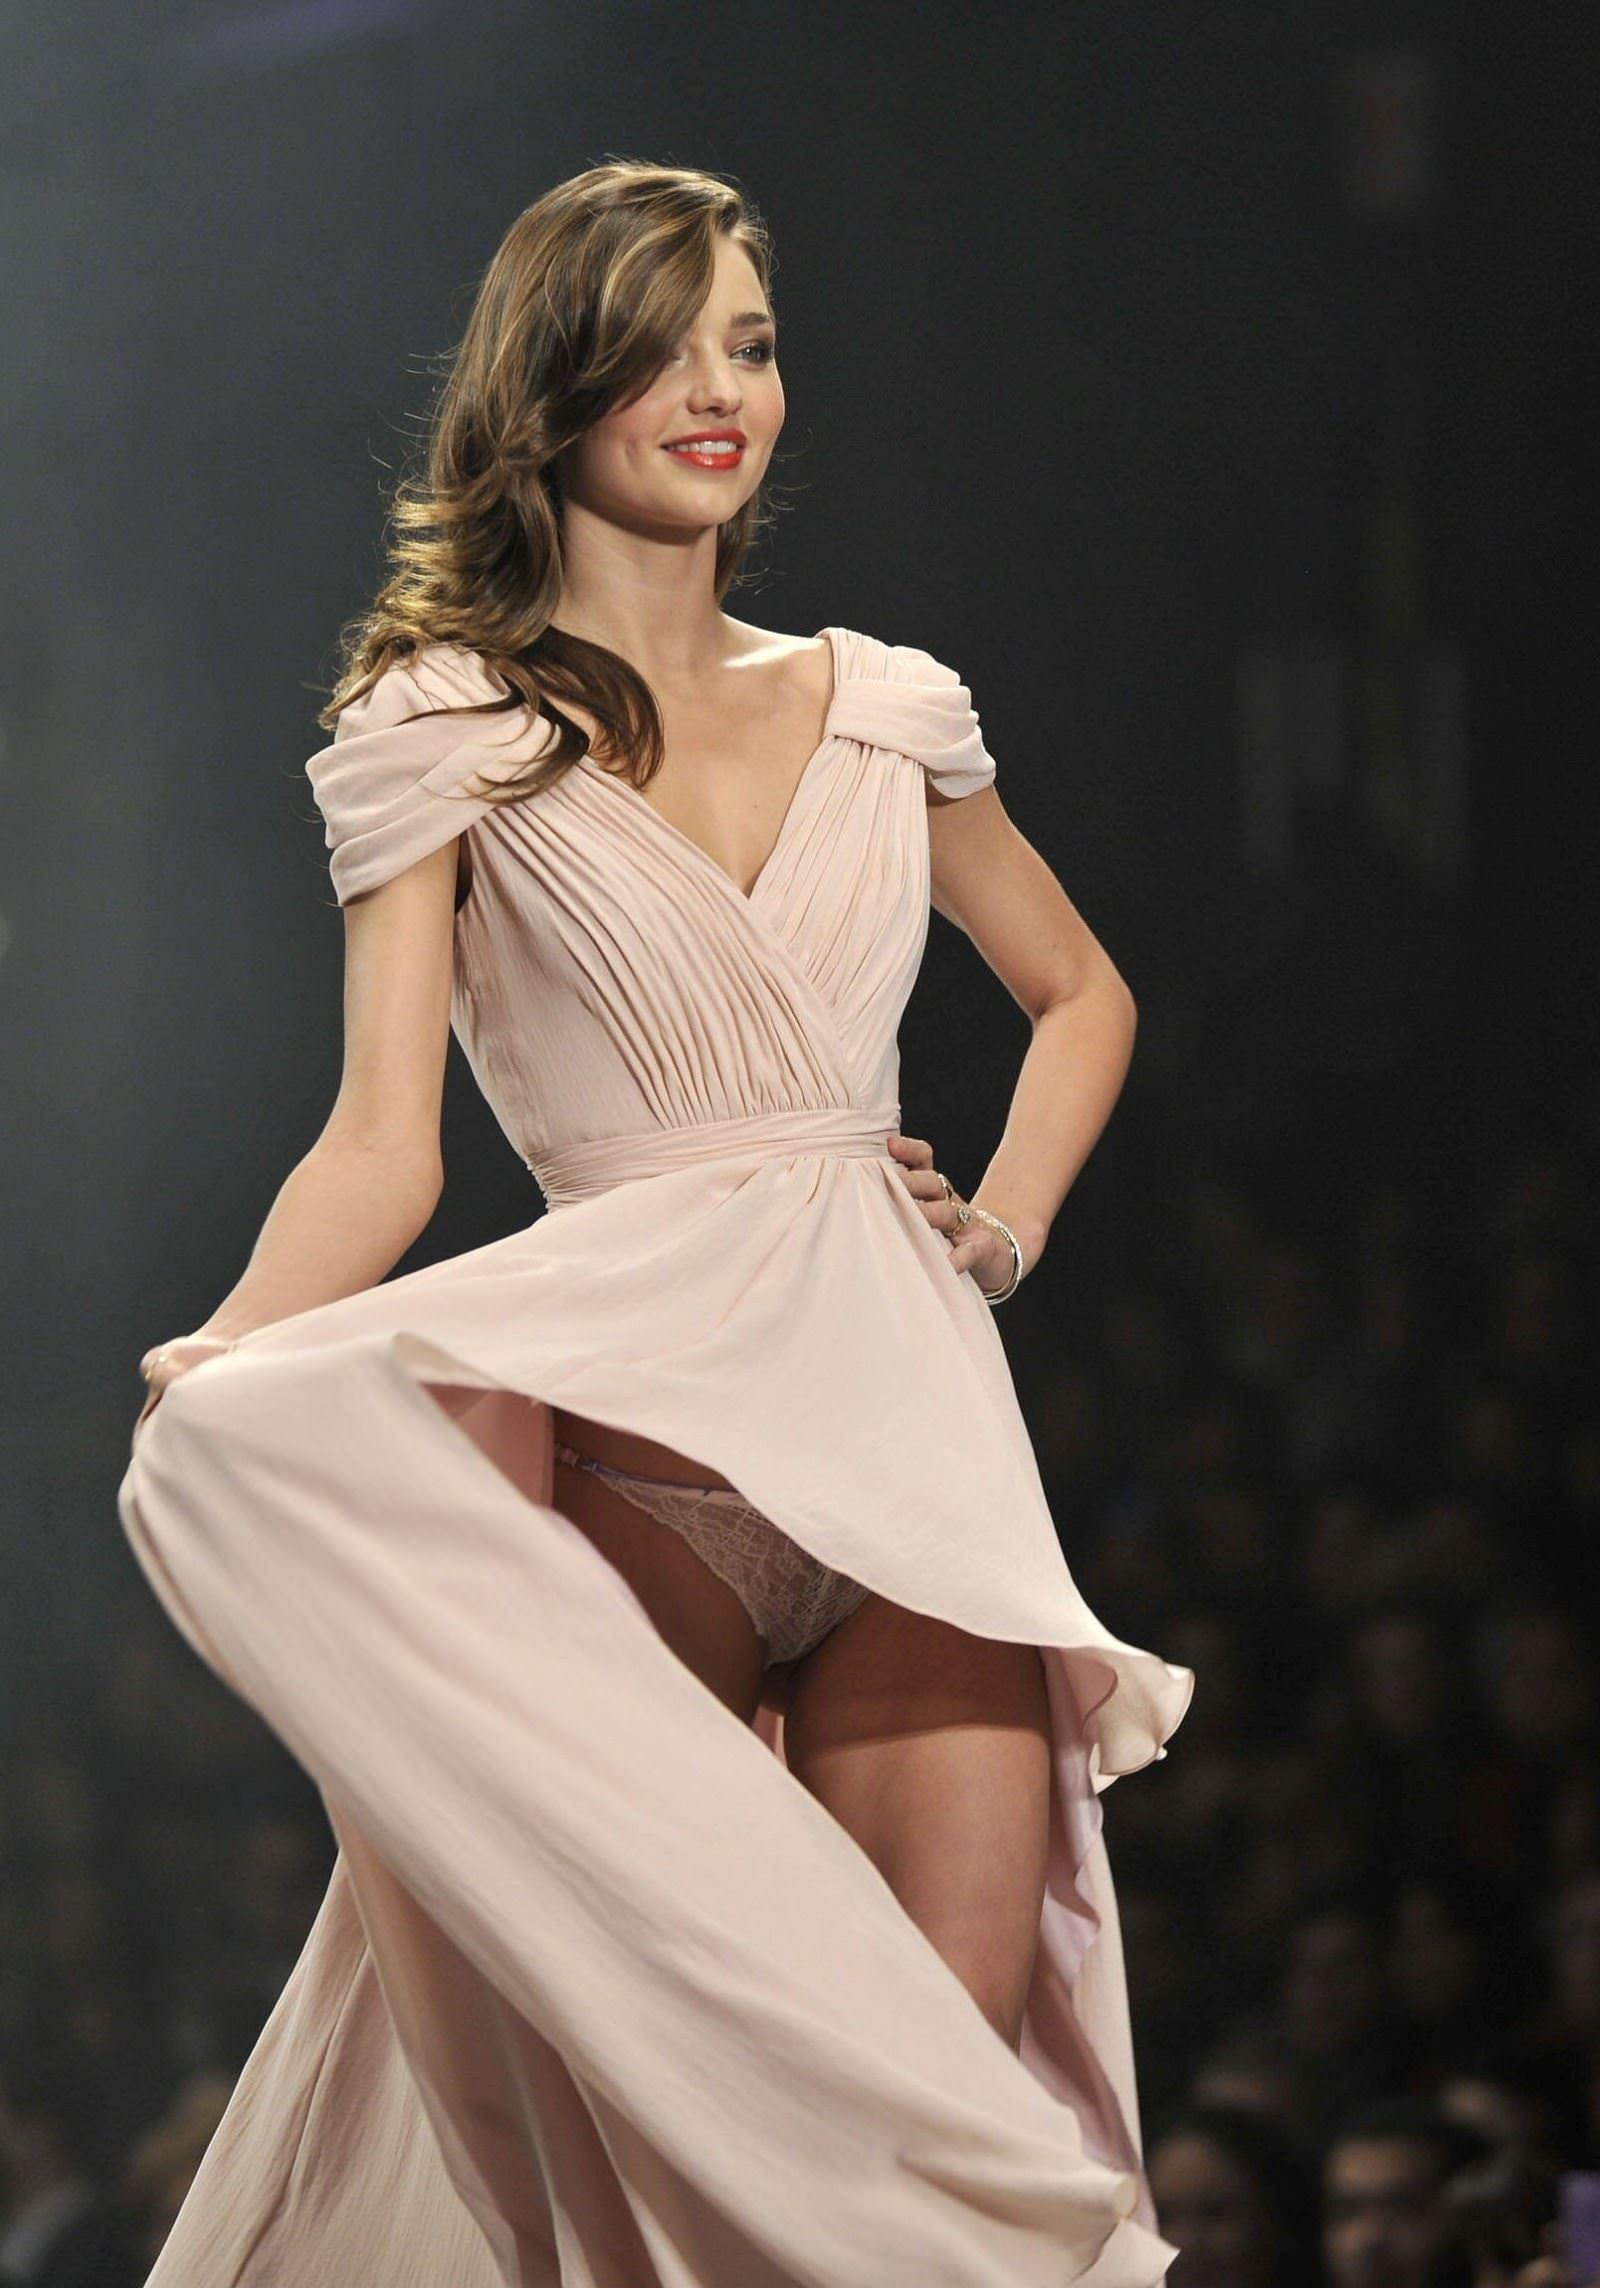 【外人】スーパーモデルがファッションショーで美乳首見せちゃってるおっぱいポルノ画像 1639